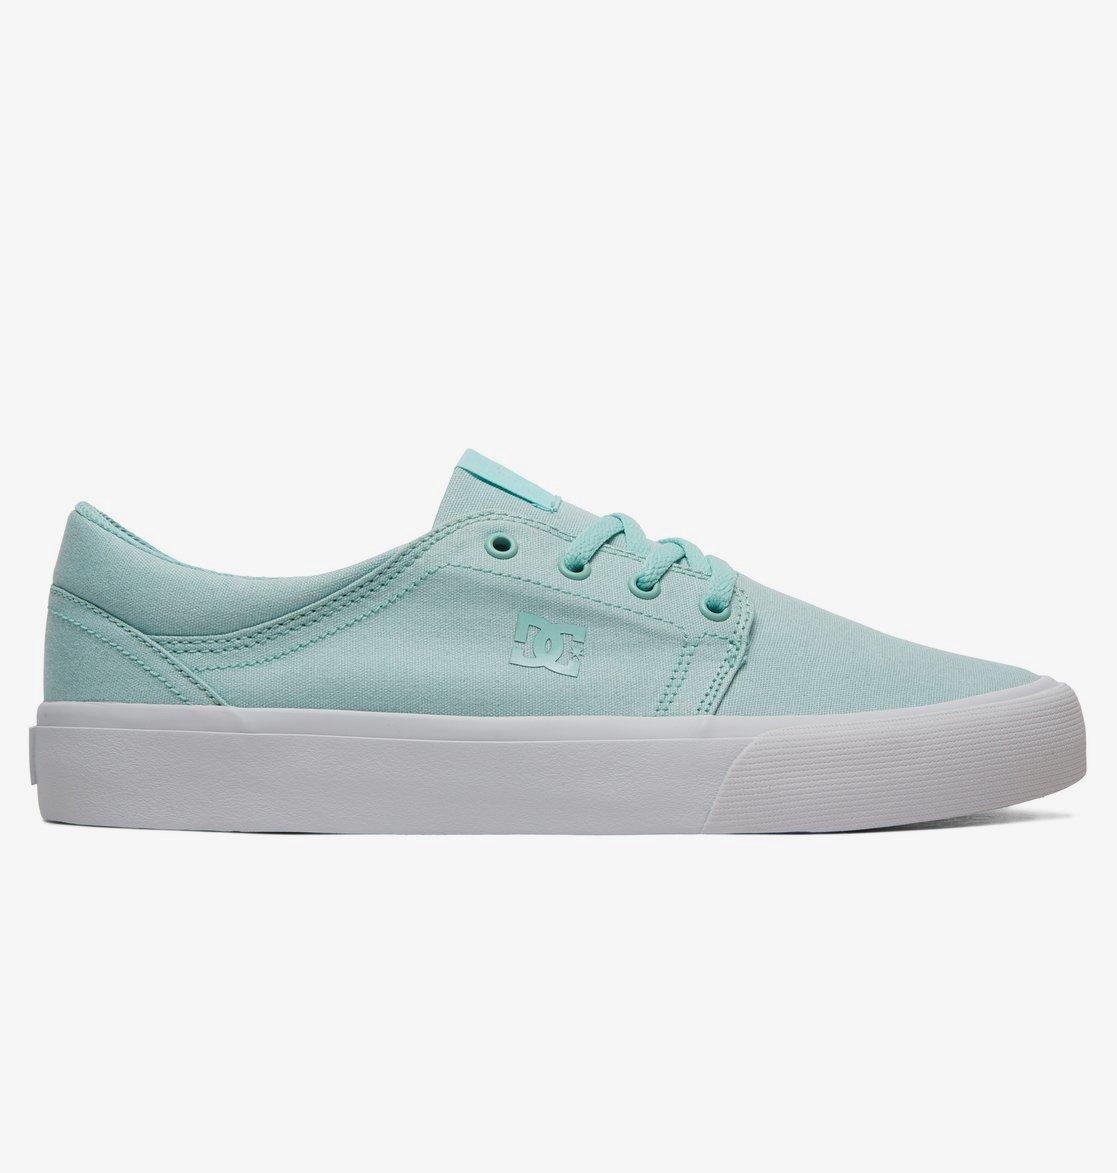 online store 45c2b a6821 Trase TX - Schuhe für Männer